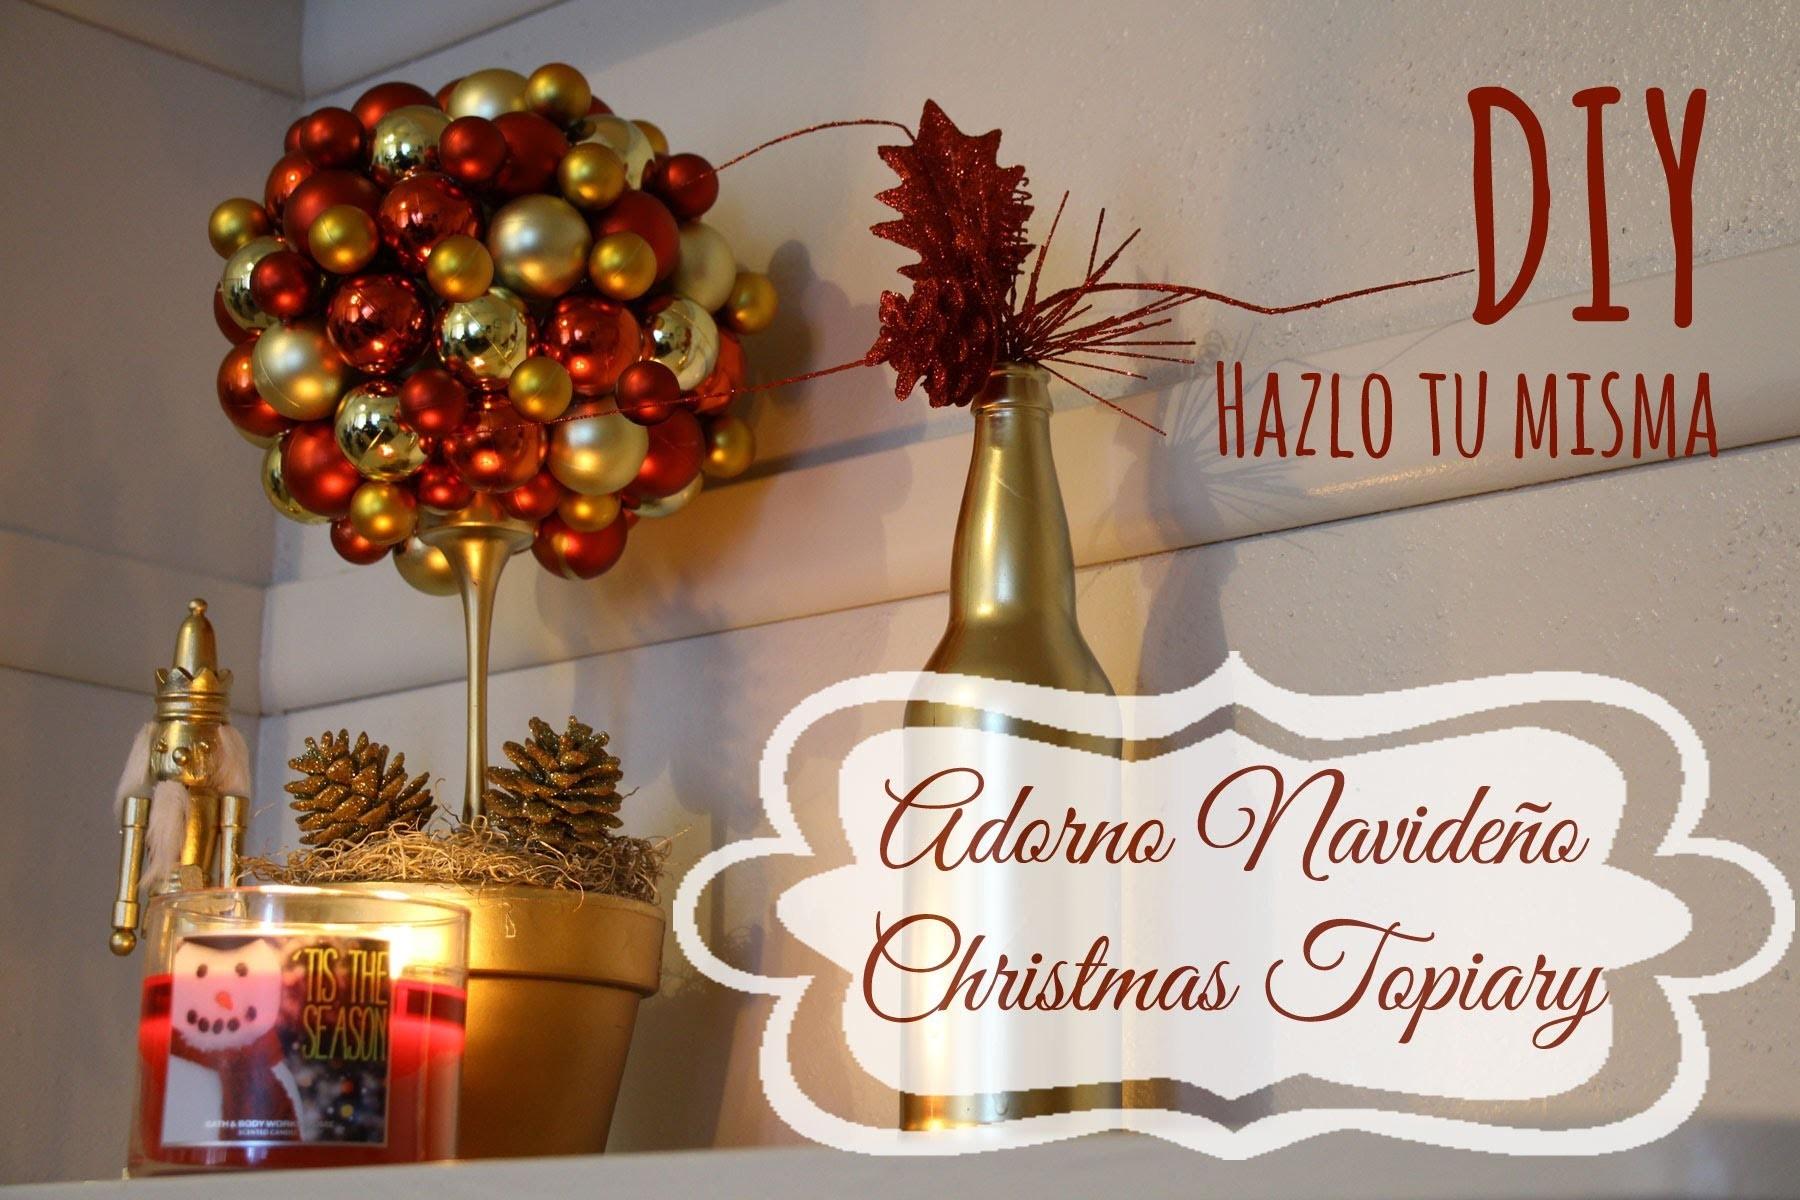 DIY Hazlo tu misma Christmas Topiary, Adorno navideño